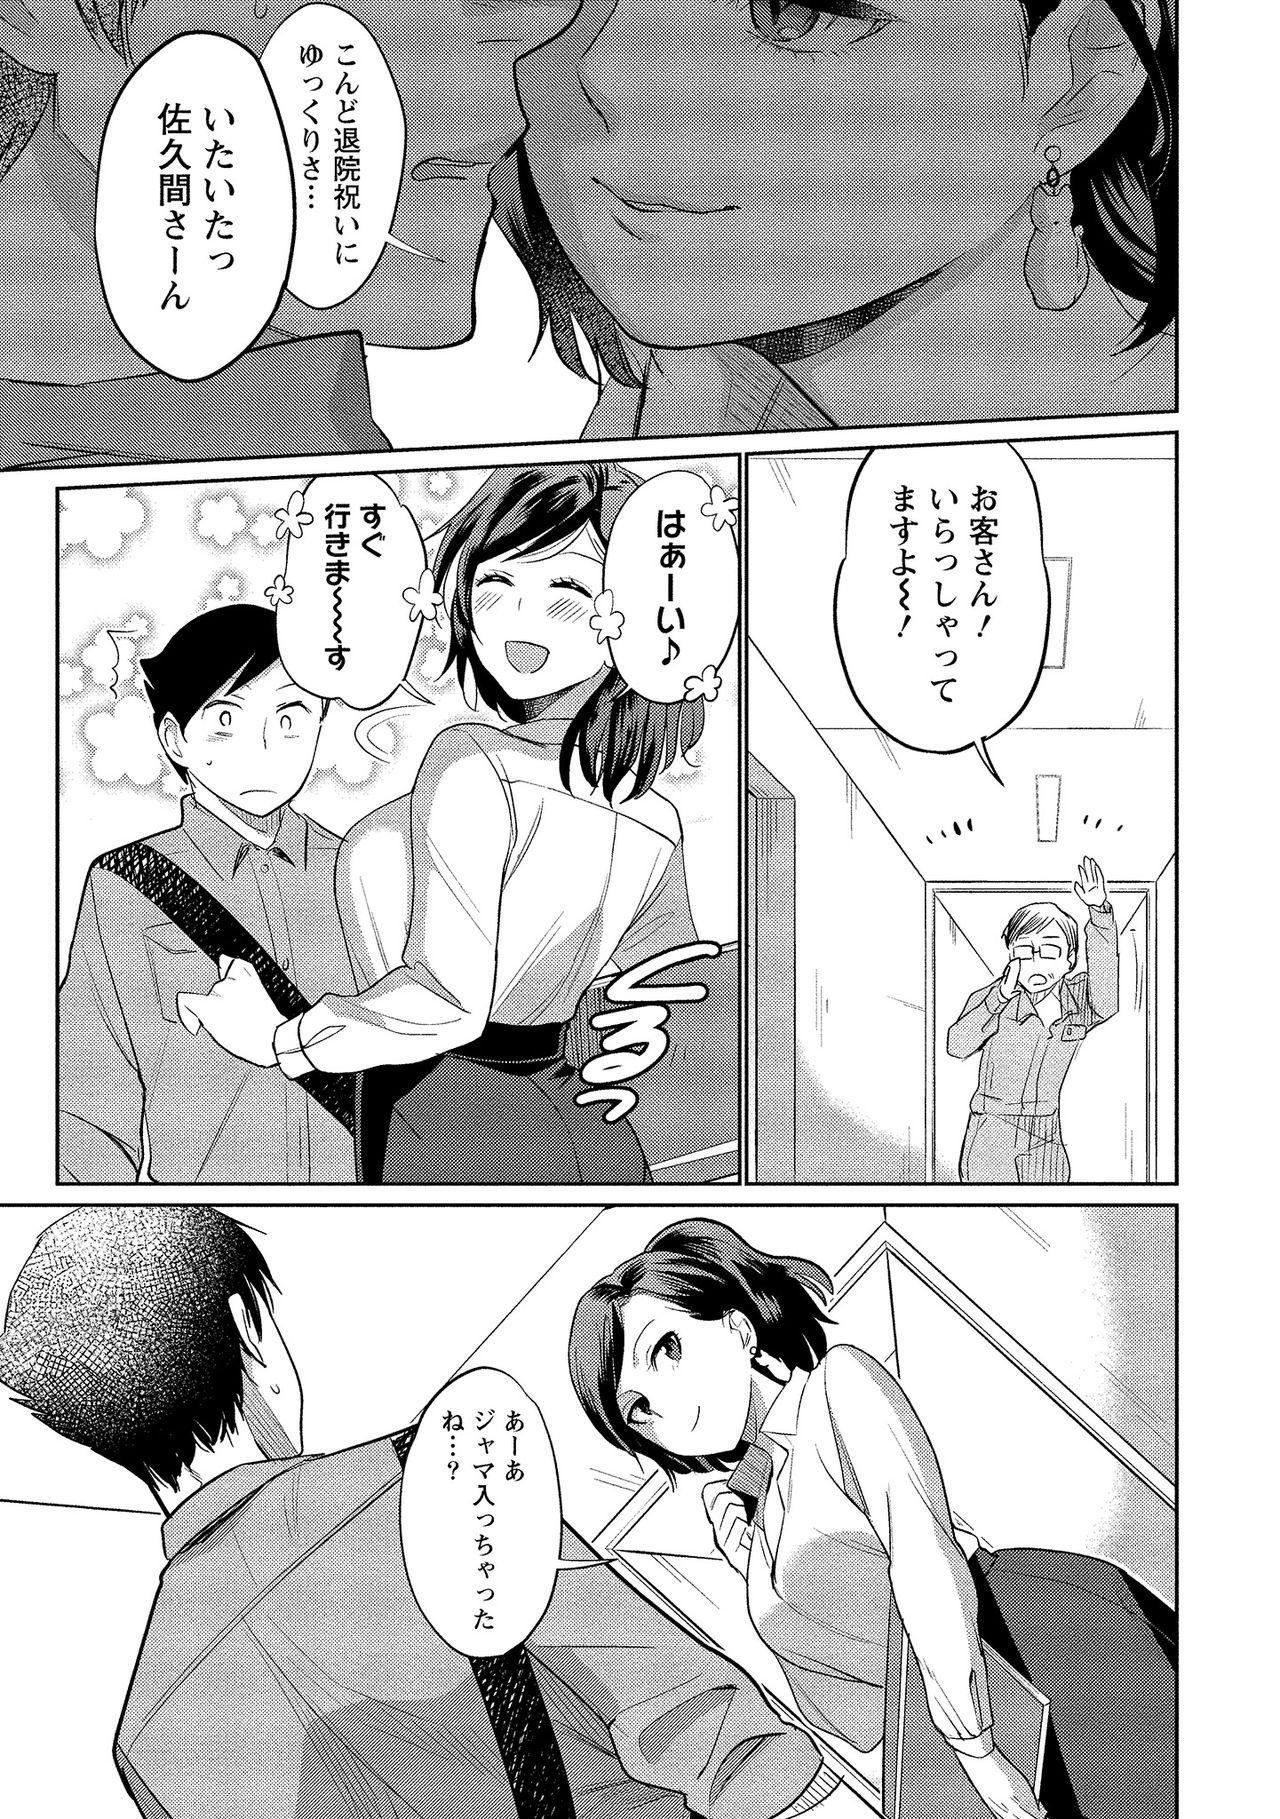 Dorobou Neko wa Kanojo no Hajimari 55